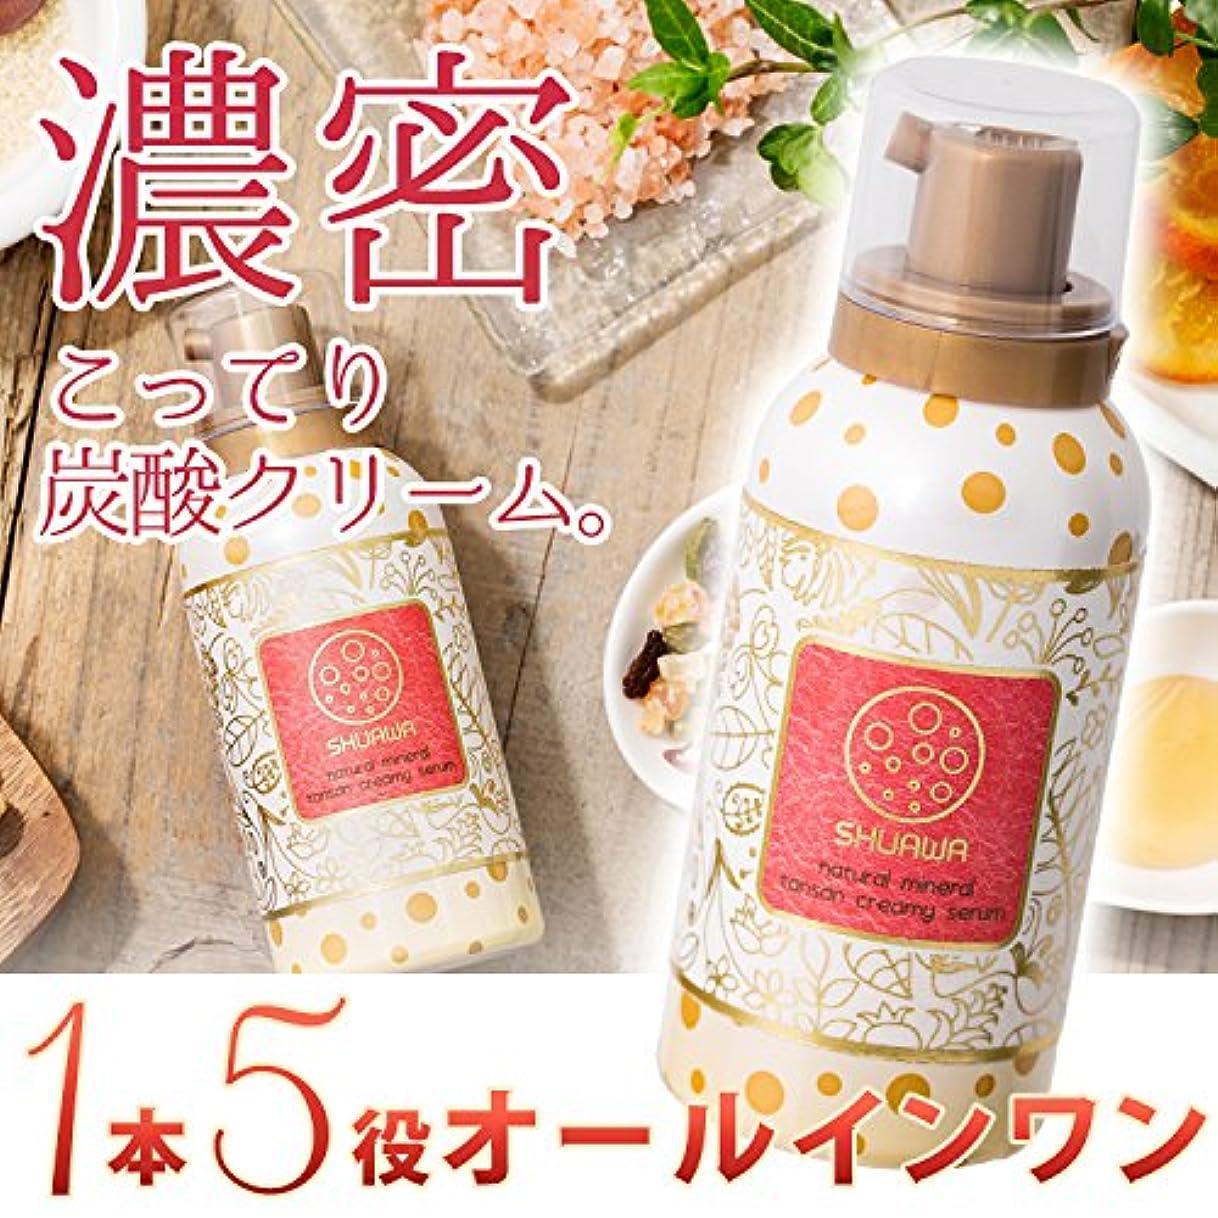 藤色シャーク急行するSHUAWA ミネラル炭酸くりーむ美容液 100g